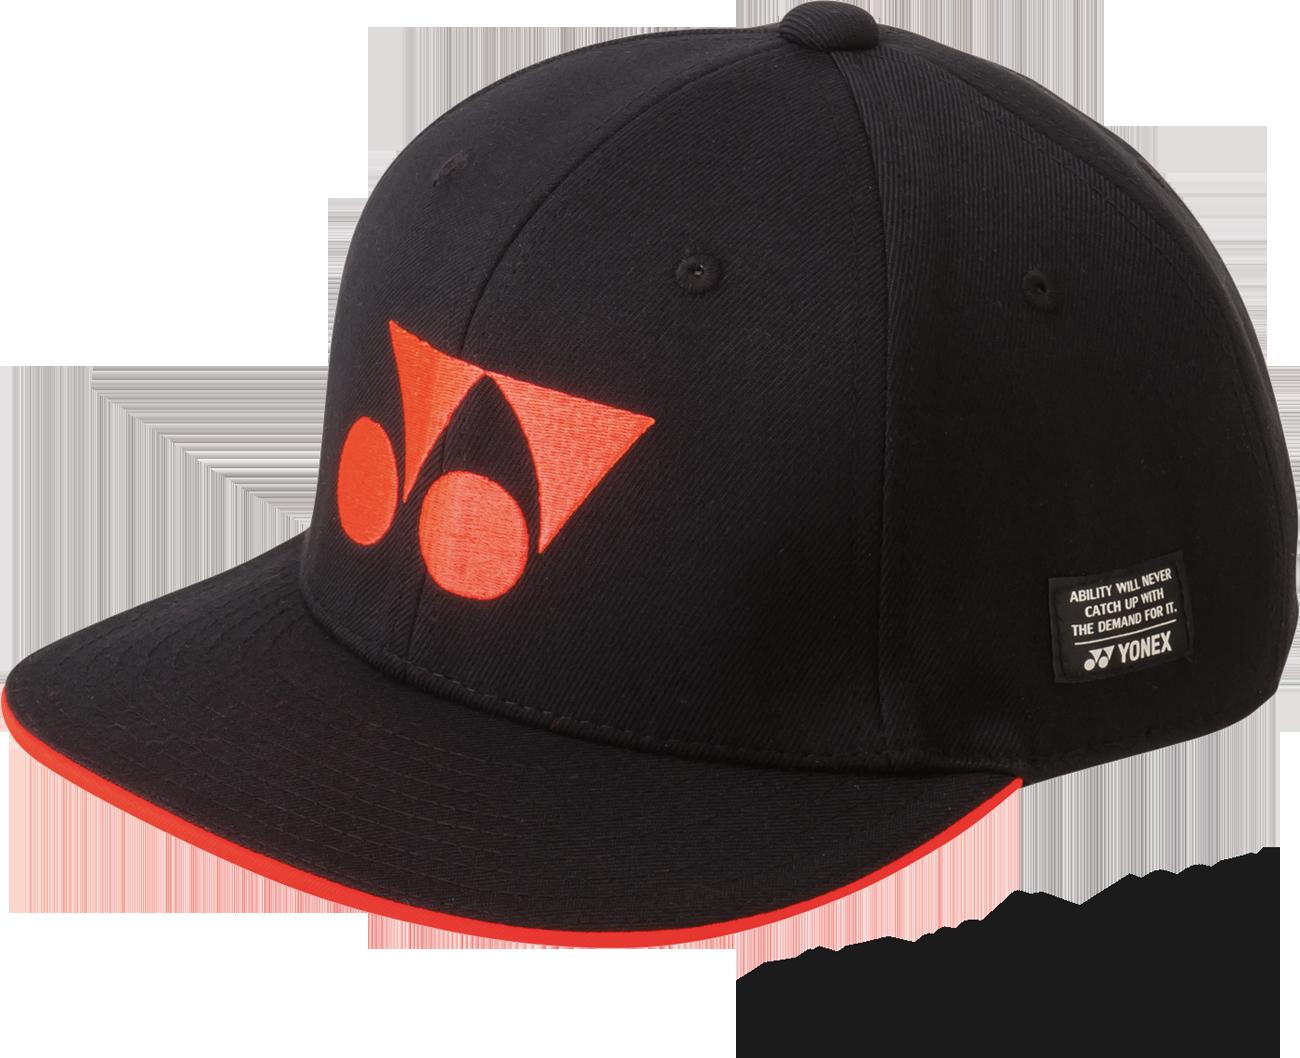 【限定品】 ヨネックス メッシュキャップ (41034Y) 【9月発売】